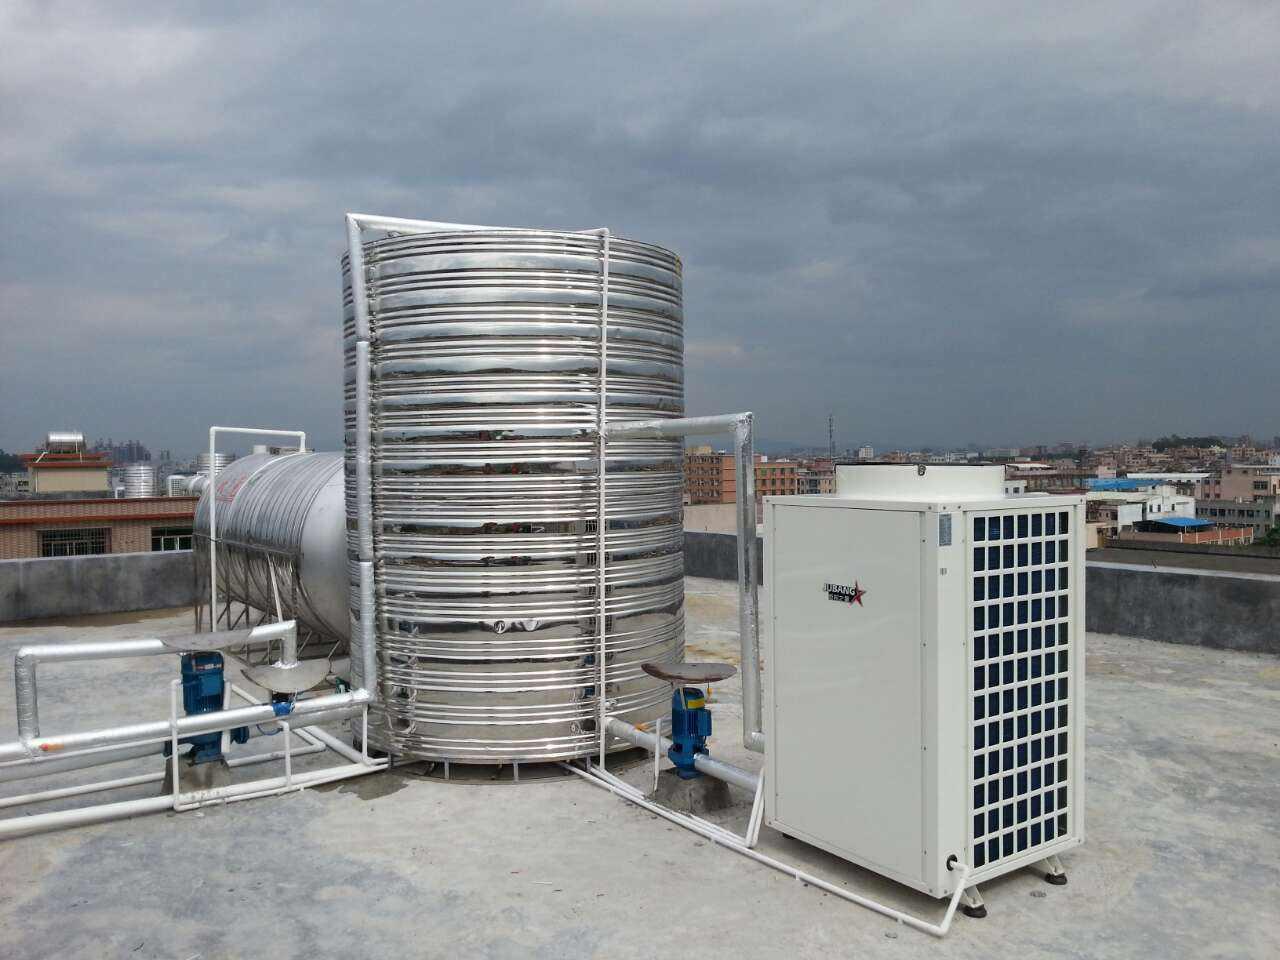 購買一台合適的空氣能熱水器需要掌握這7點你知道嗎